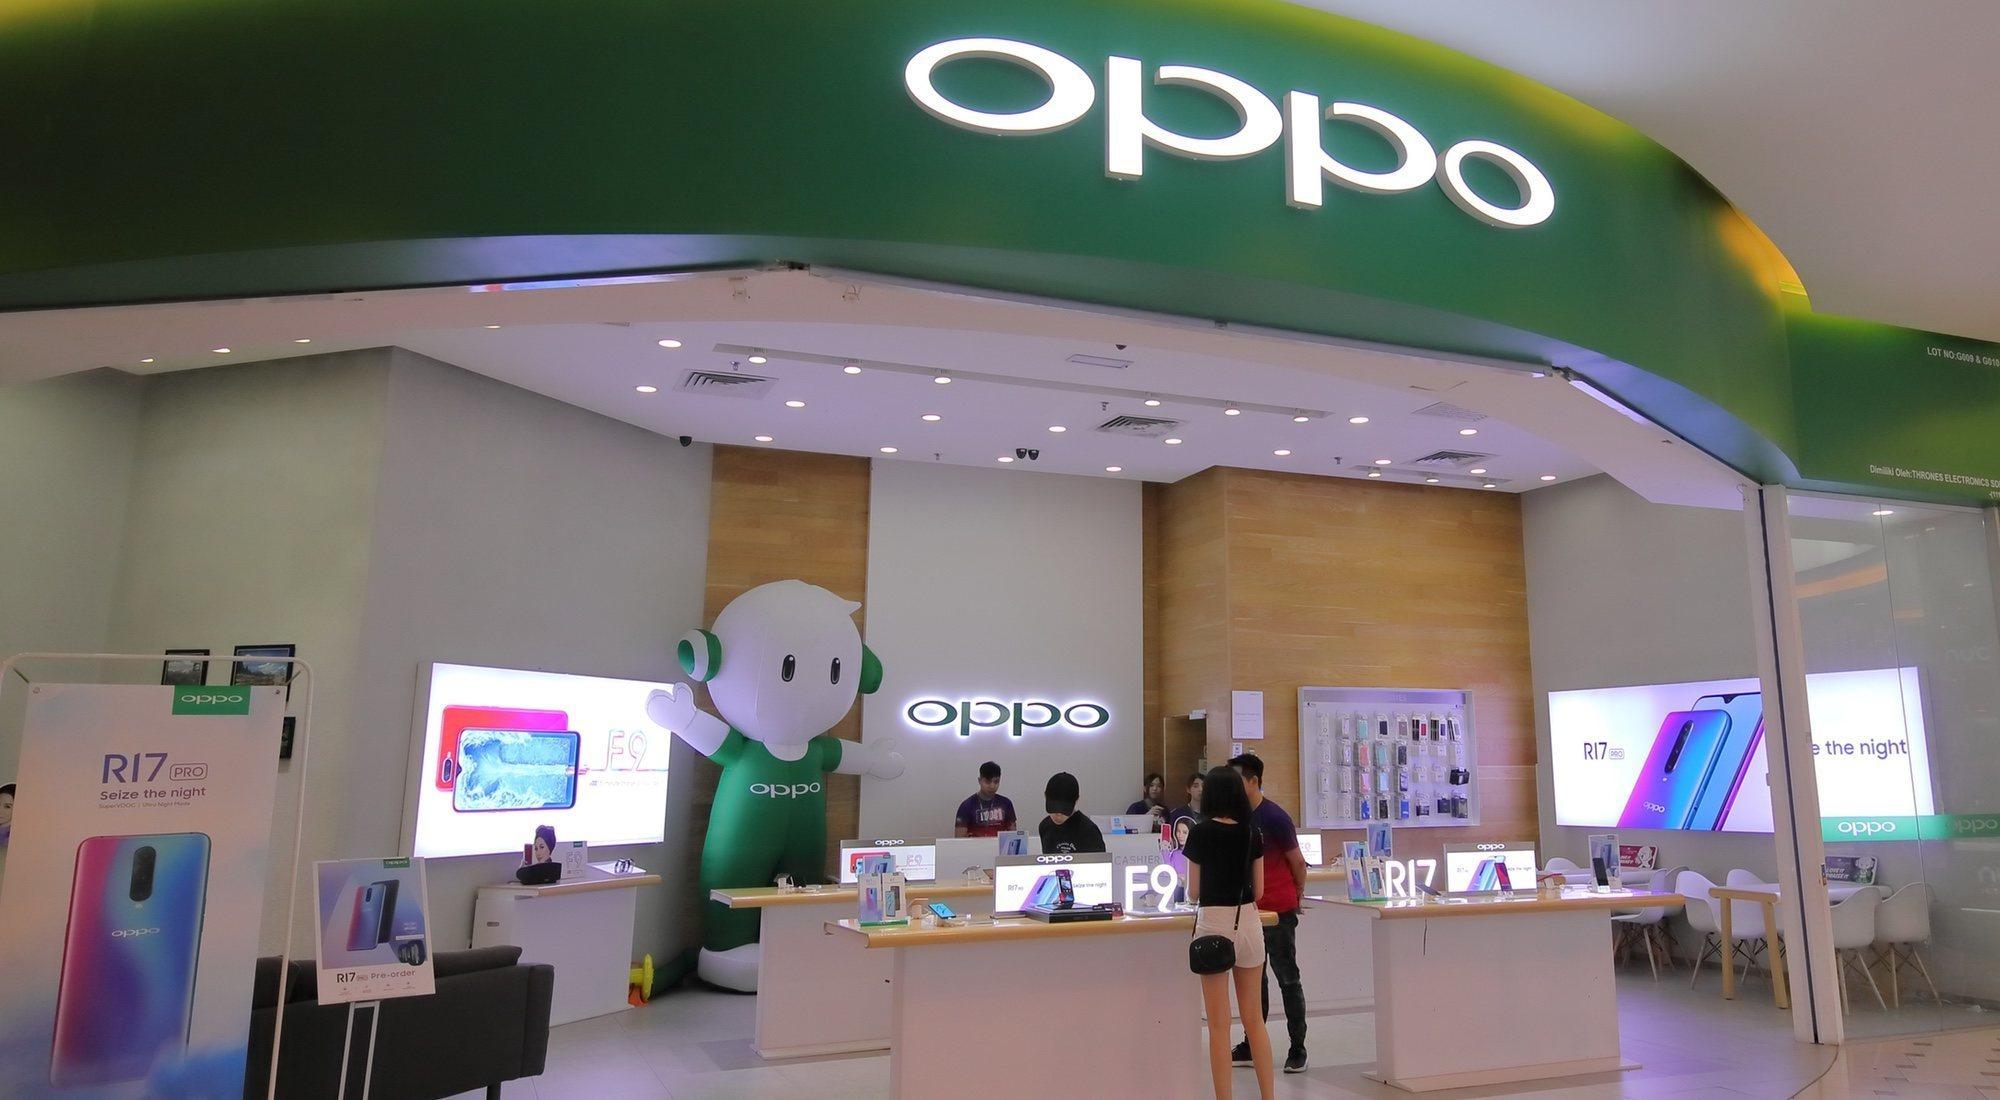 Llega el primer hotel 5G del mundo de la mano de OPPO